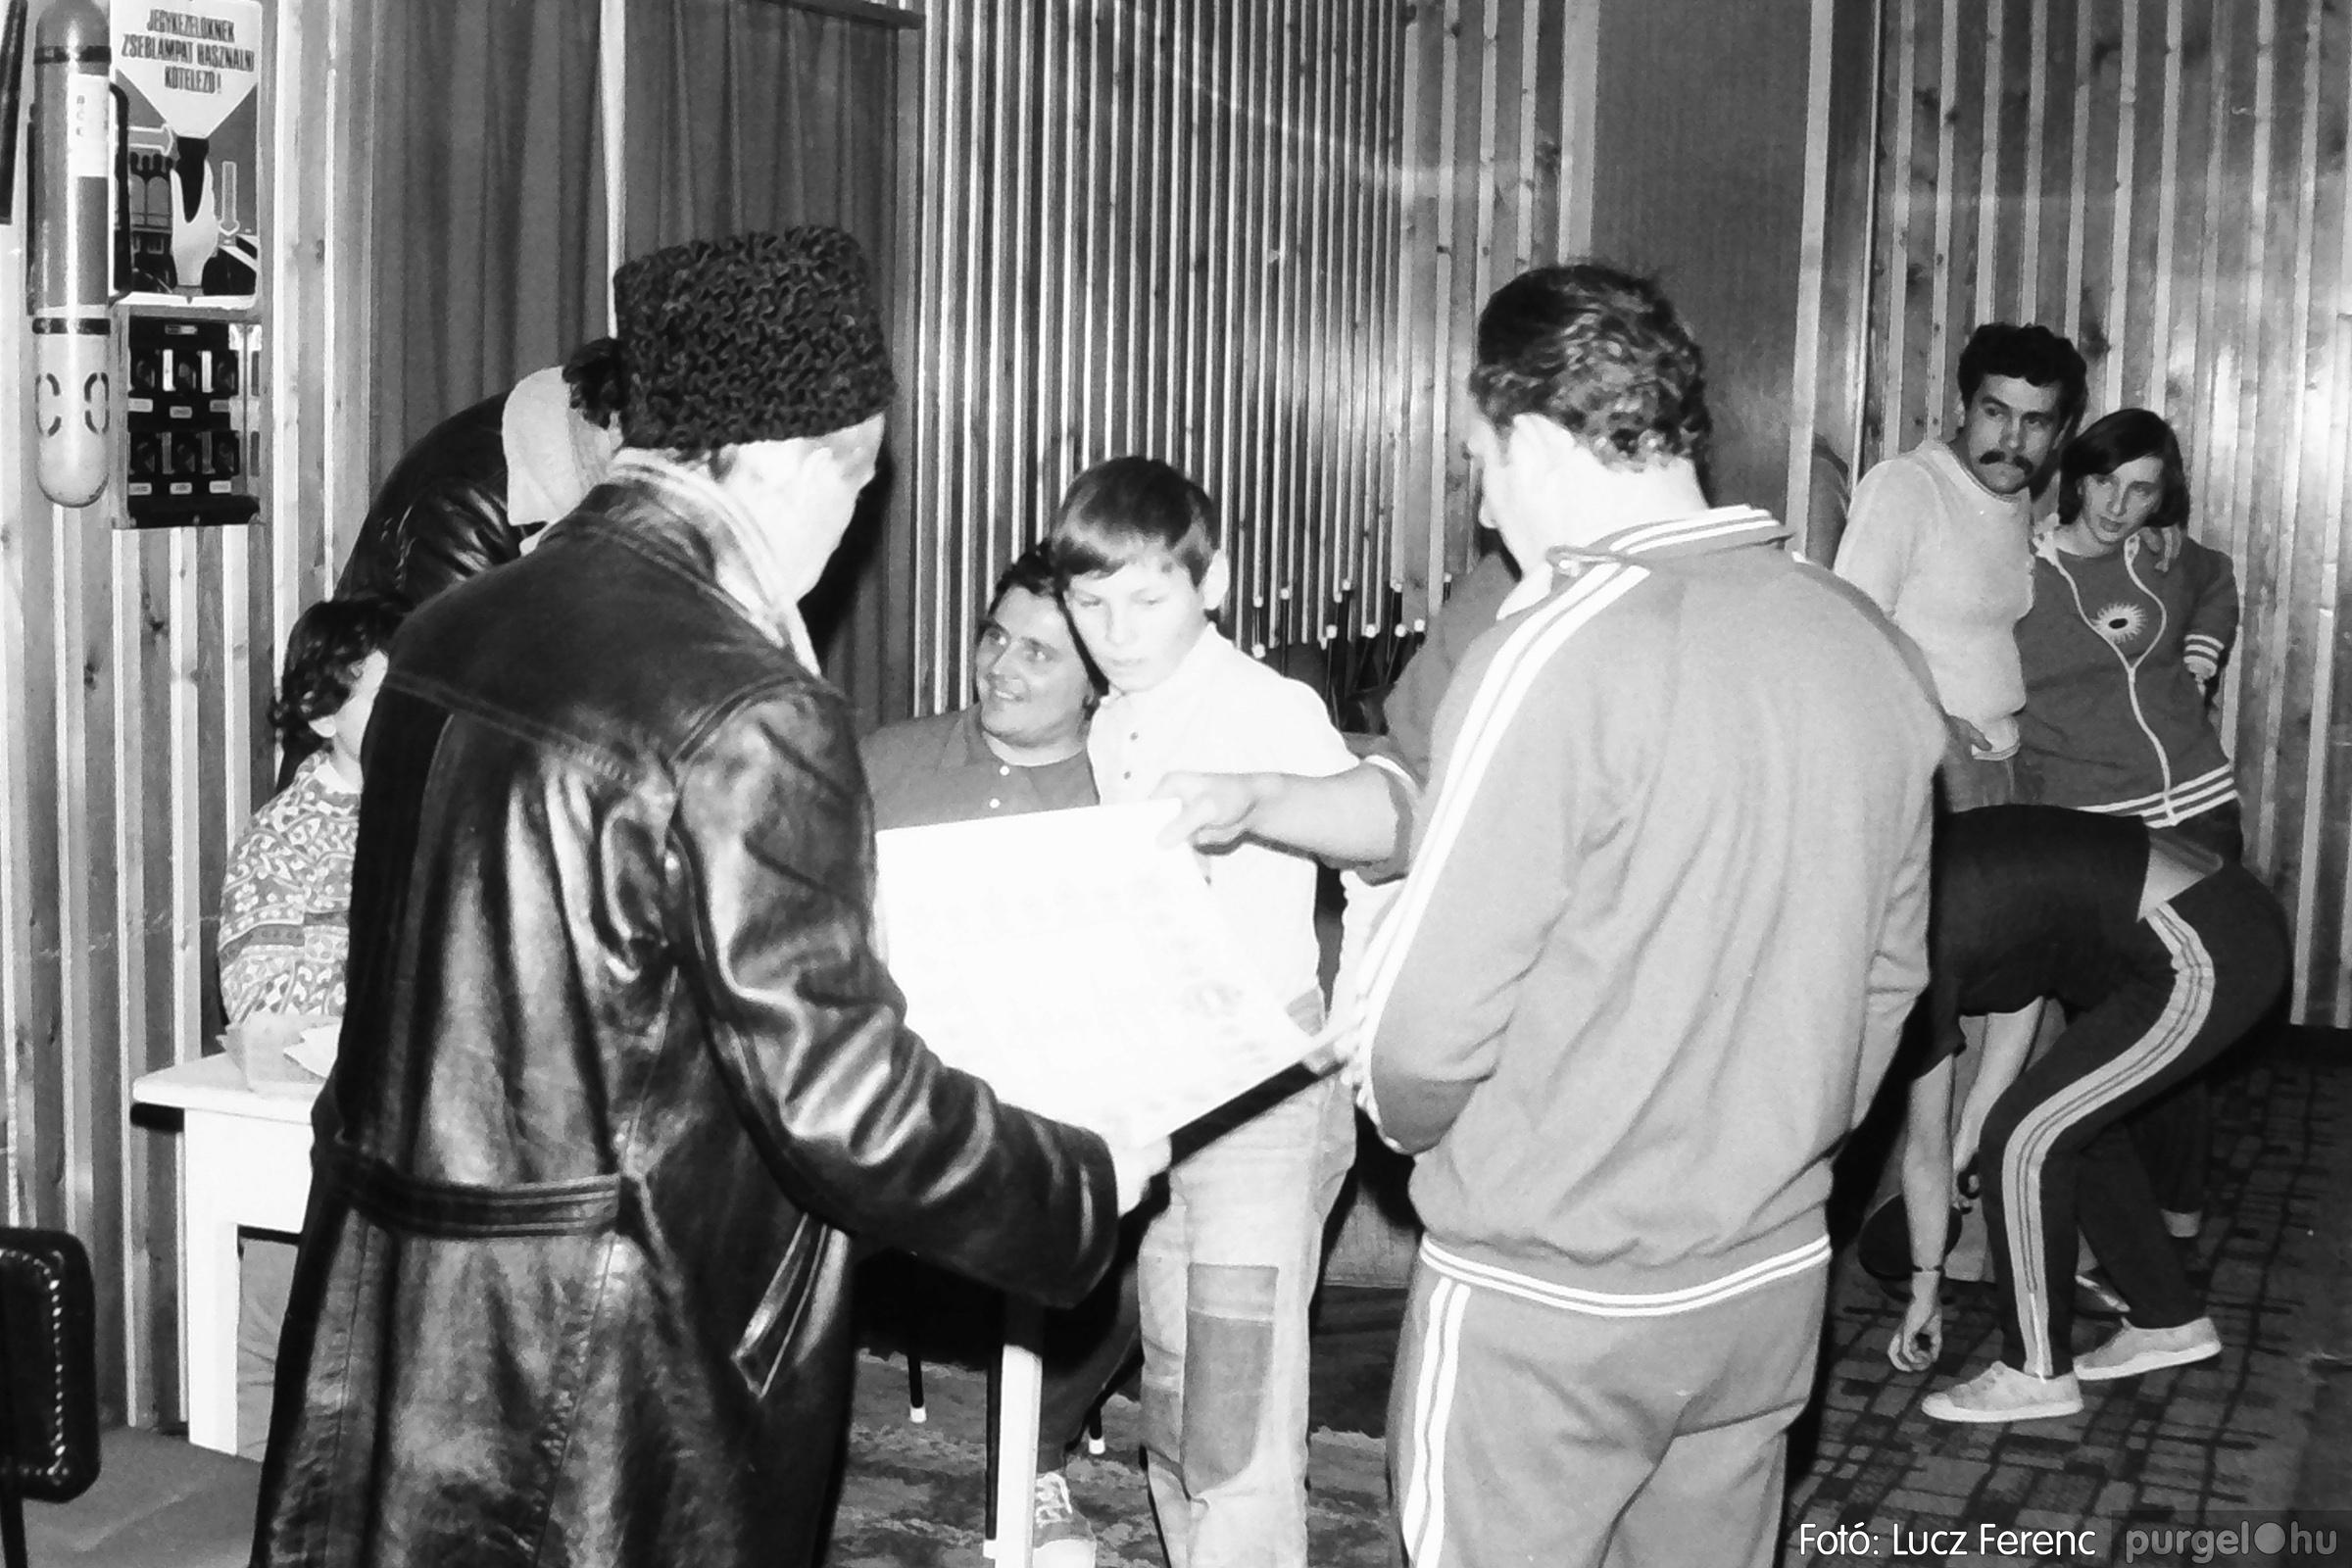 100. 1978. Asztaltenisz verseny 009. - Fotó: Lucz Ferenc.jpg